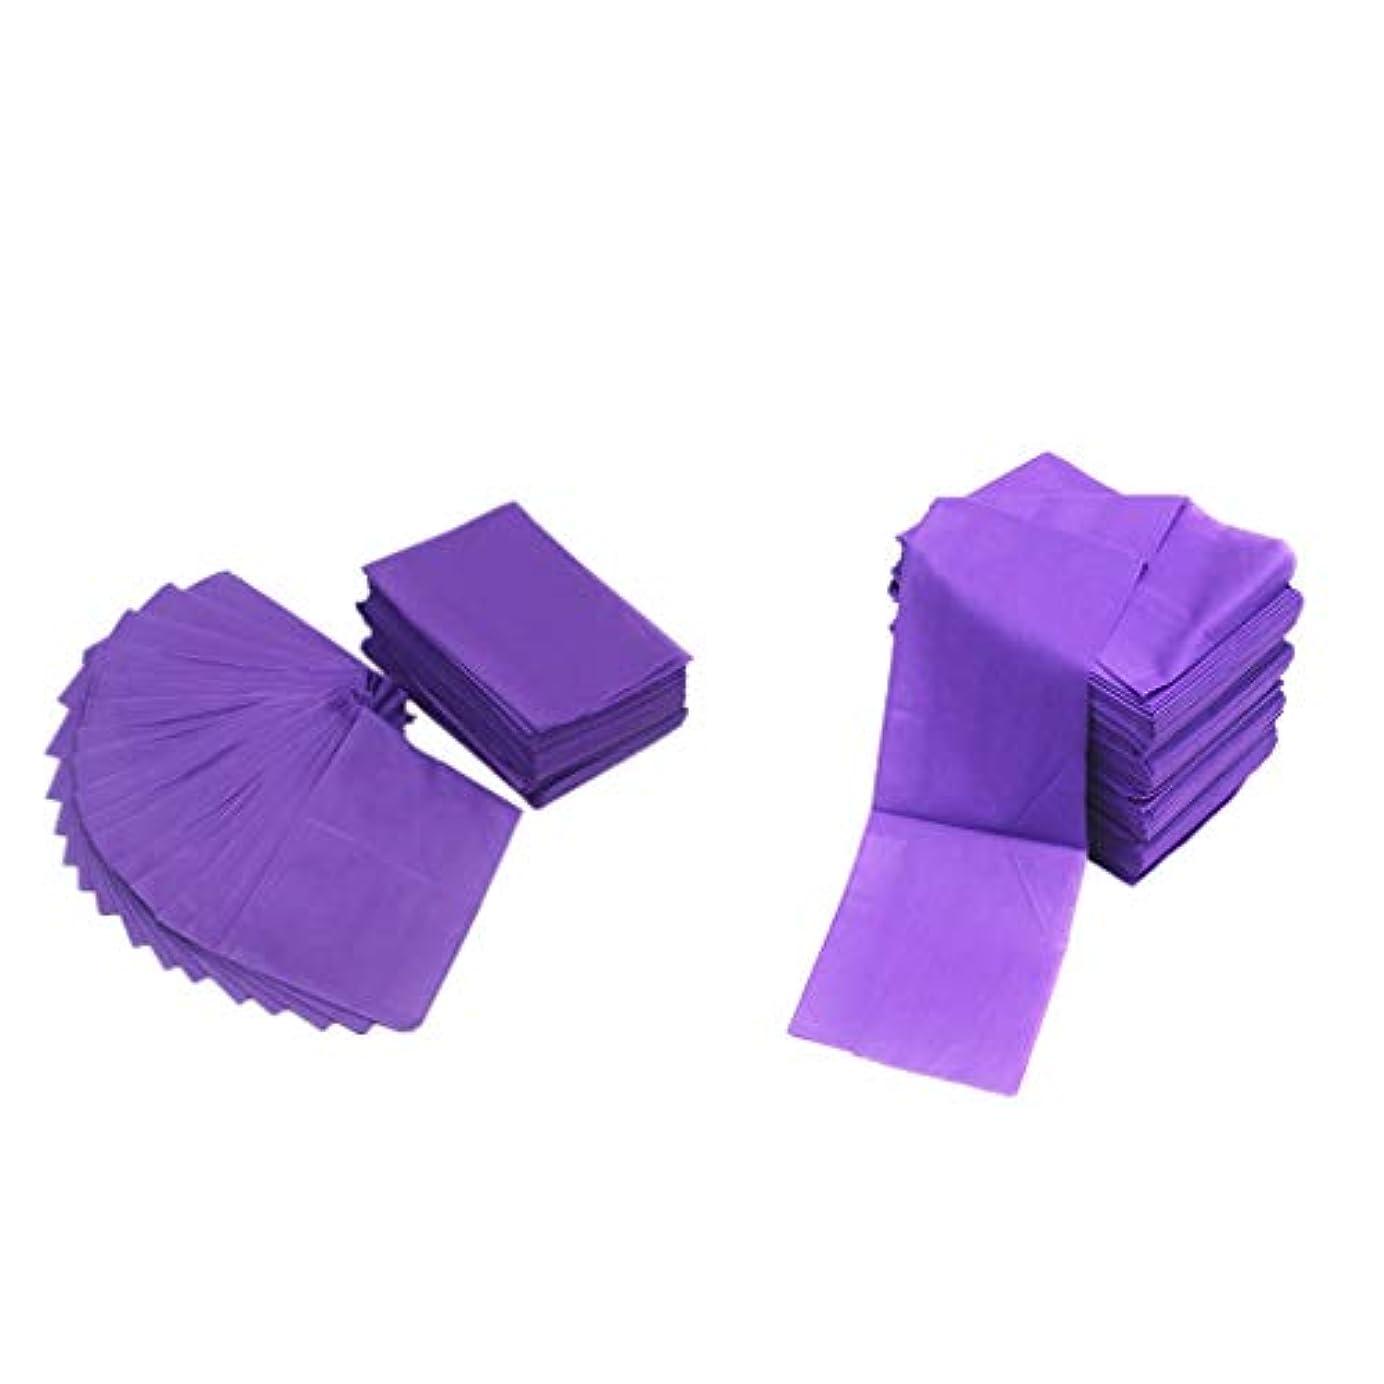 dailymall 失禁、マッサージテーブルシートのための20部分の不織布使い捨てシーツペーパー